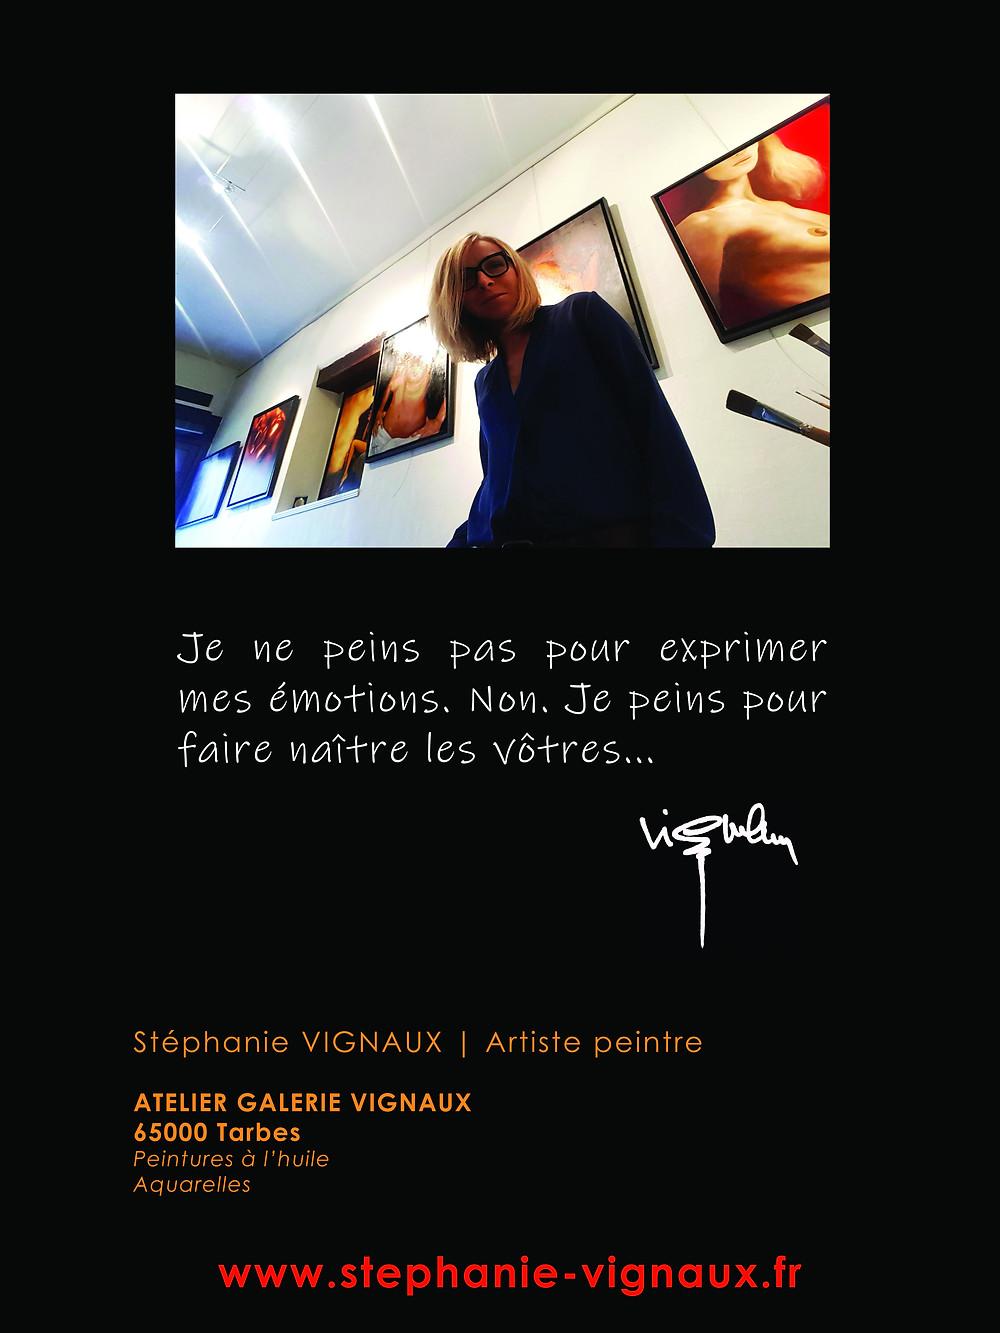 Stéphanie VIGNAUX   Artiste peintre